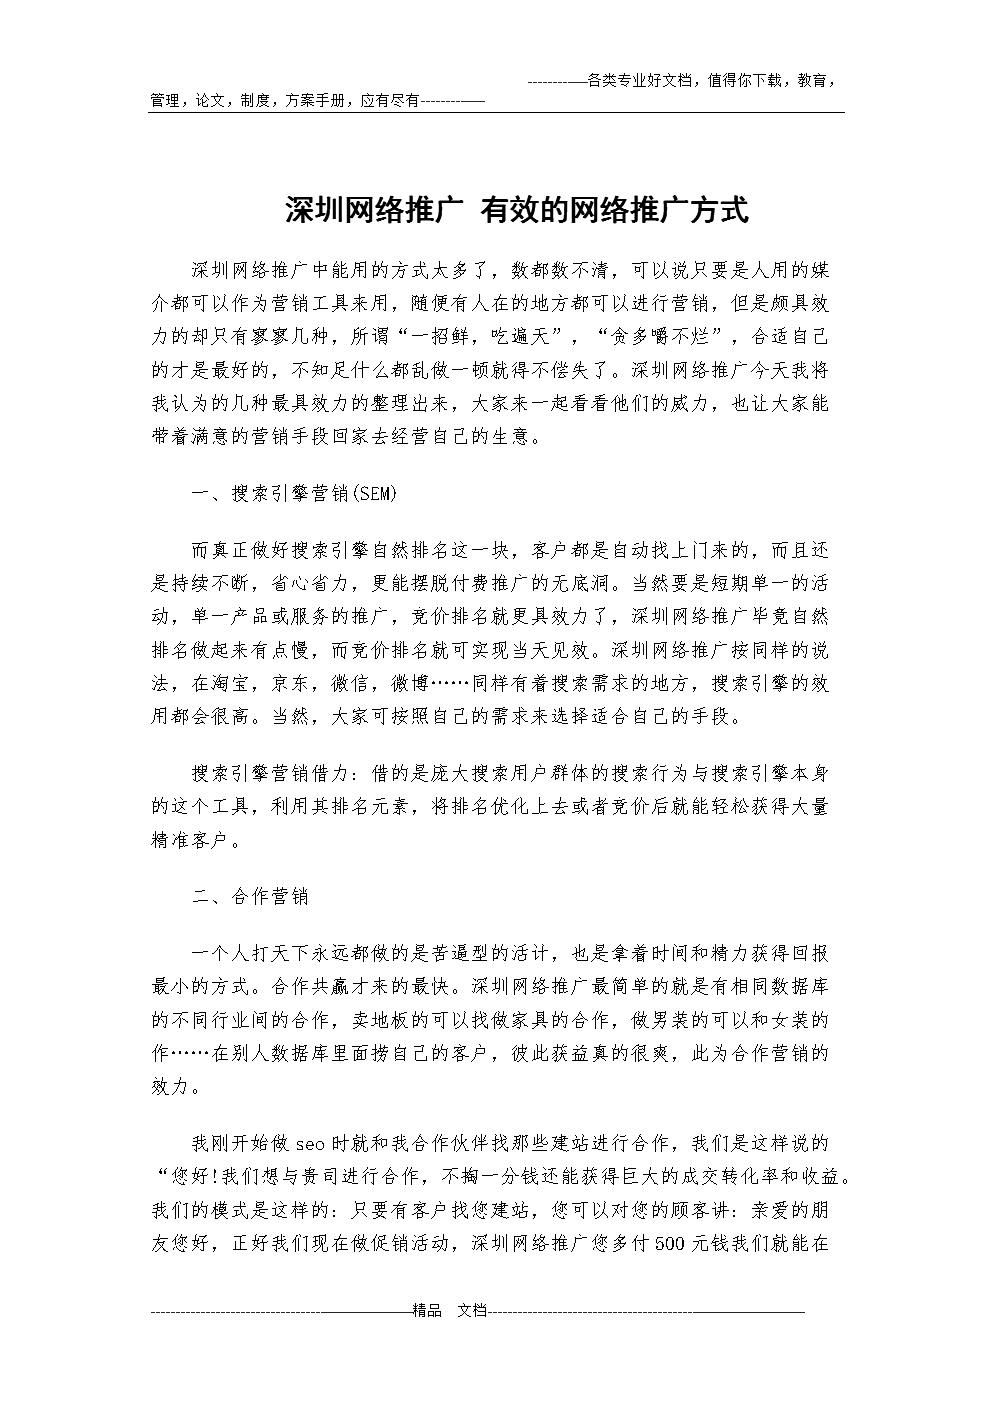 深圳网络推广 有效的网络推广方式.doc